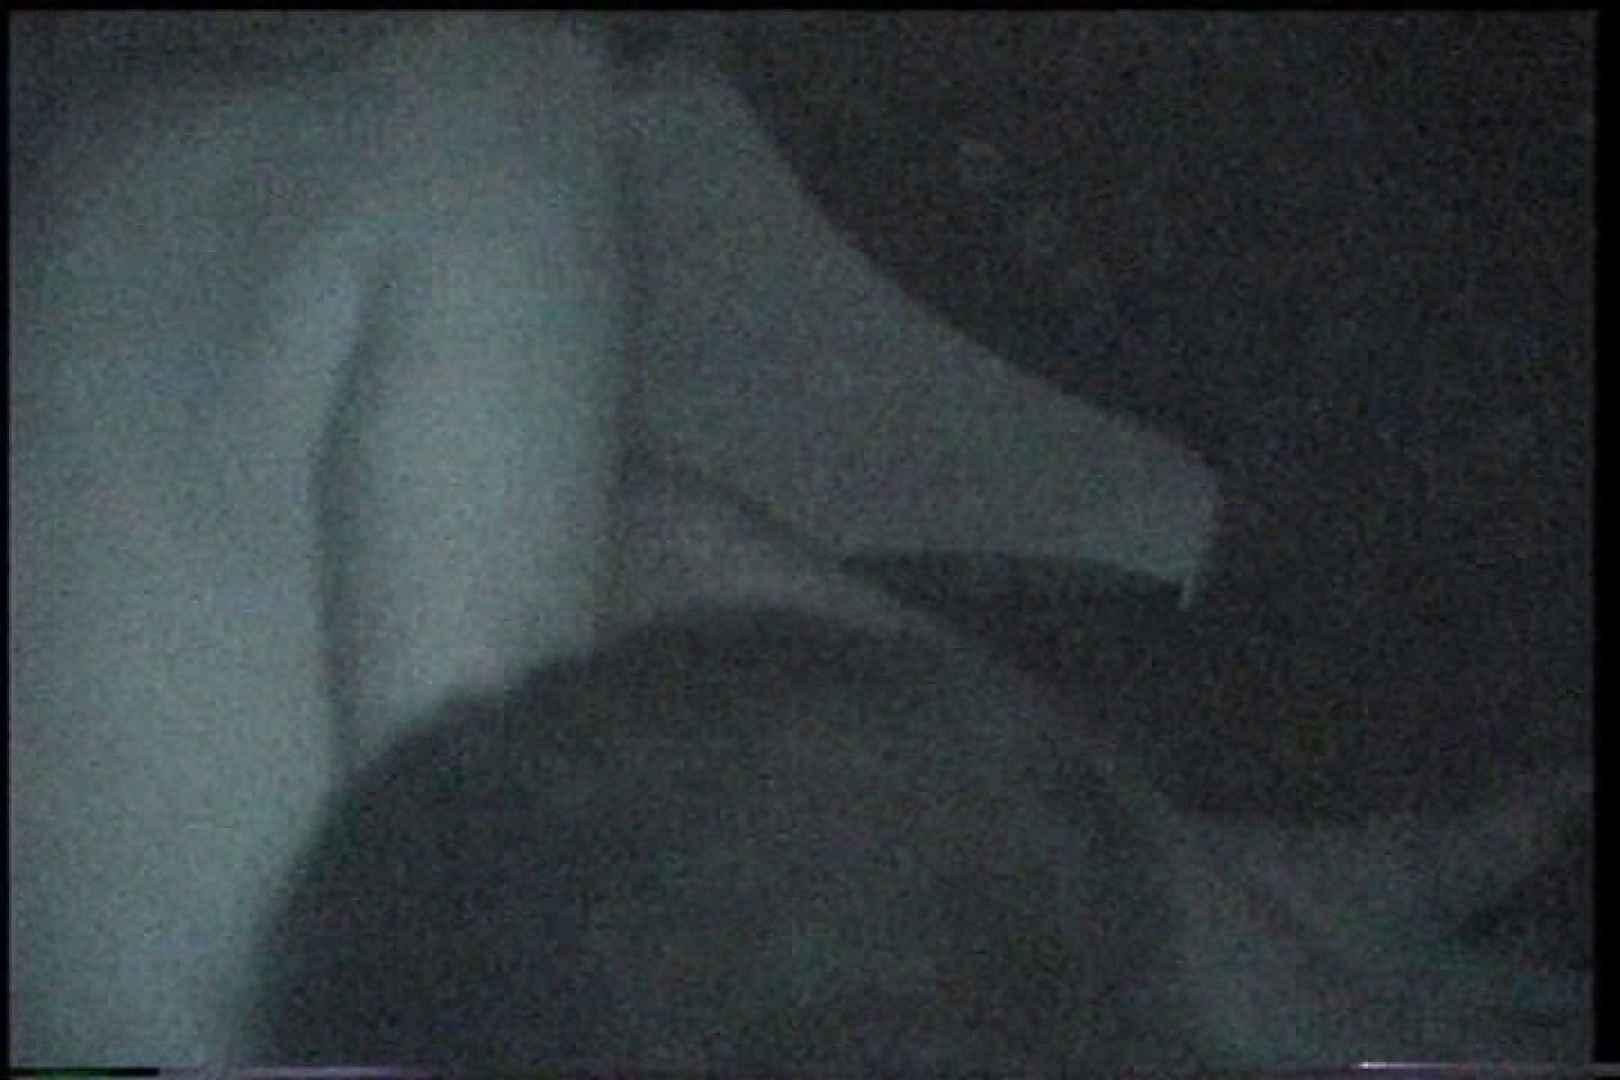 充血監督の深夜の運動会Vol.194 エロティックなOL 盗撮動画紹介 70画像 18